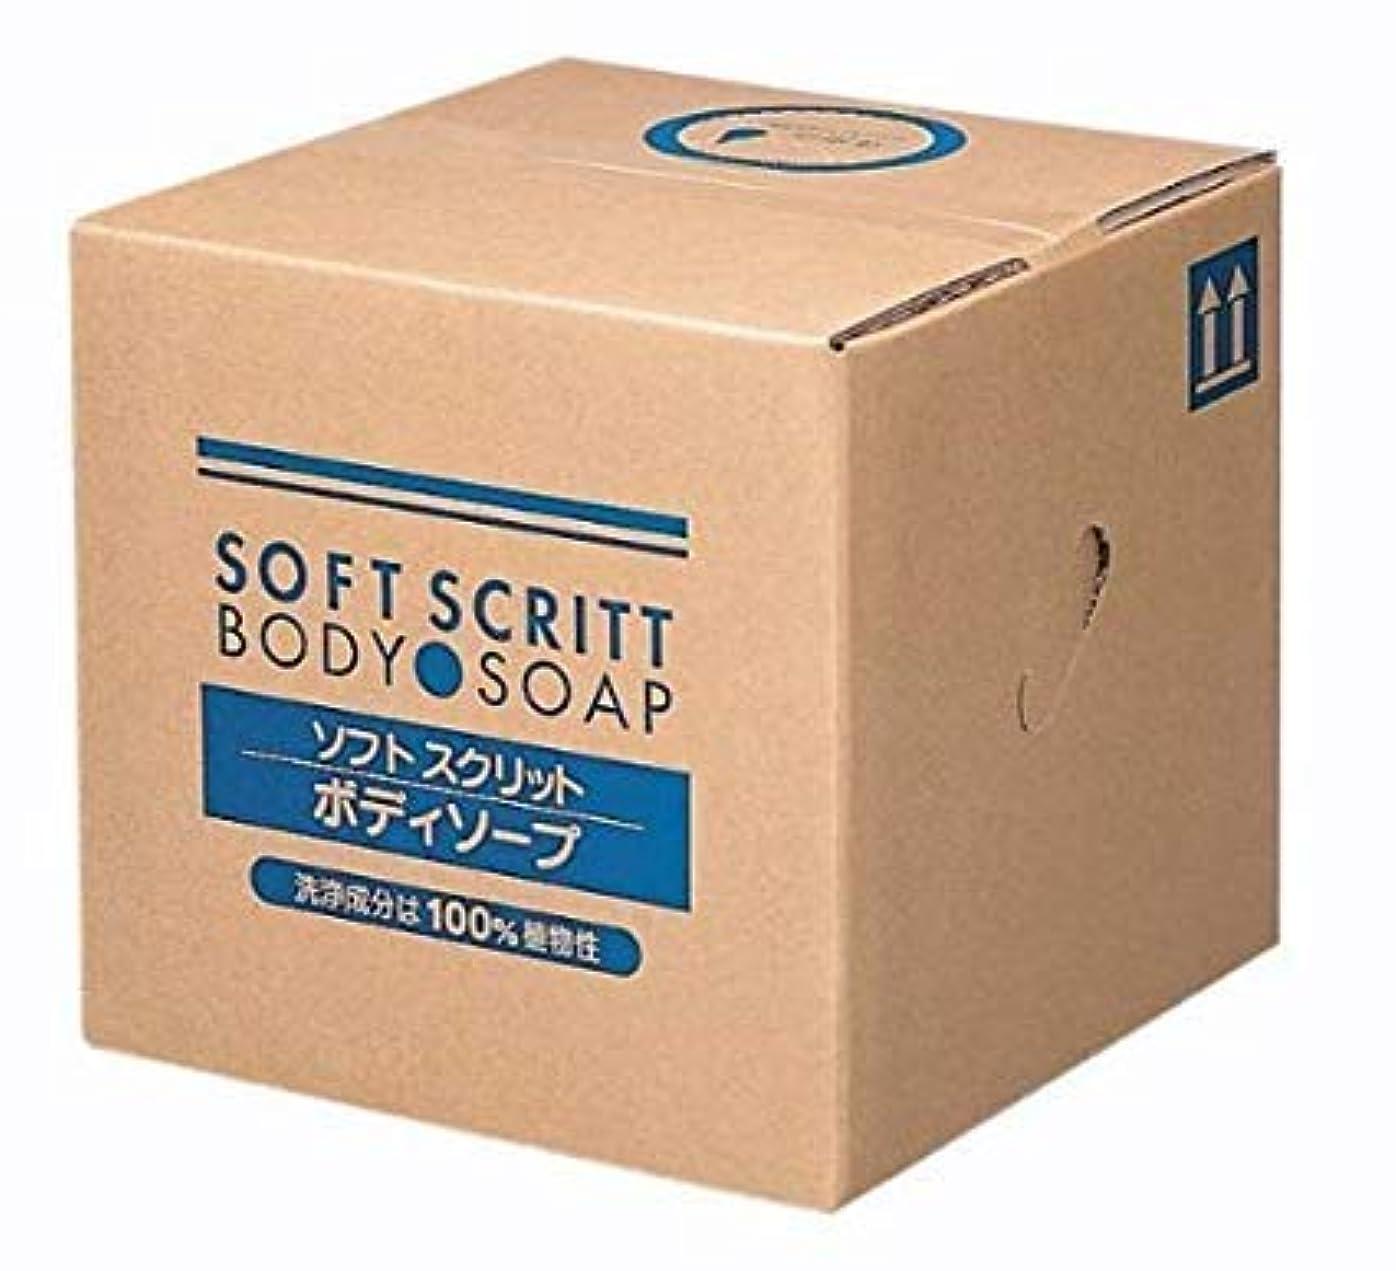 バーゲン哺乳類武装解除業務用 SOFT SCRITT(ソフト スクリット) ボディソープ 18L 熊野油脂 (コック付き)